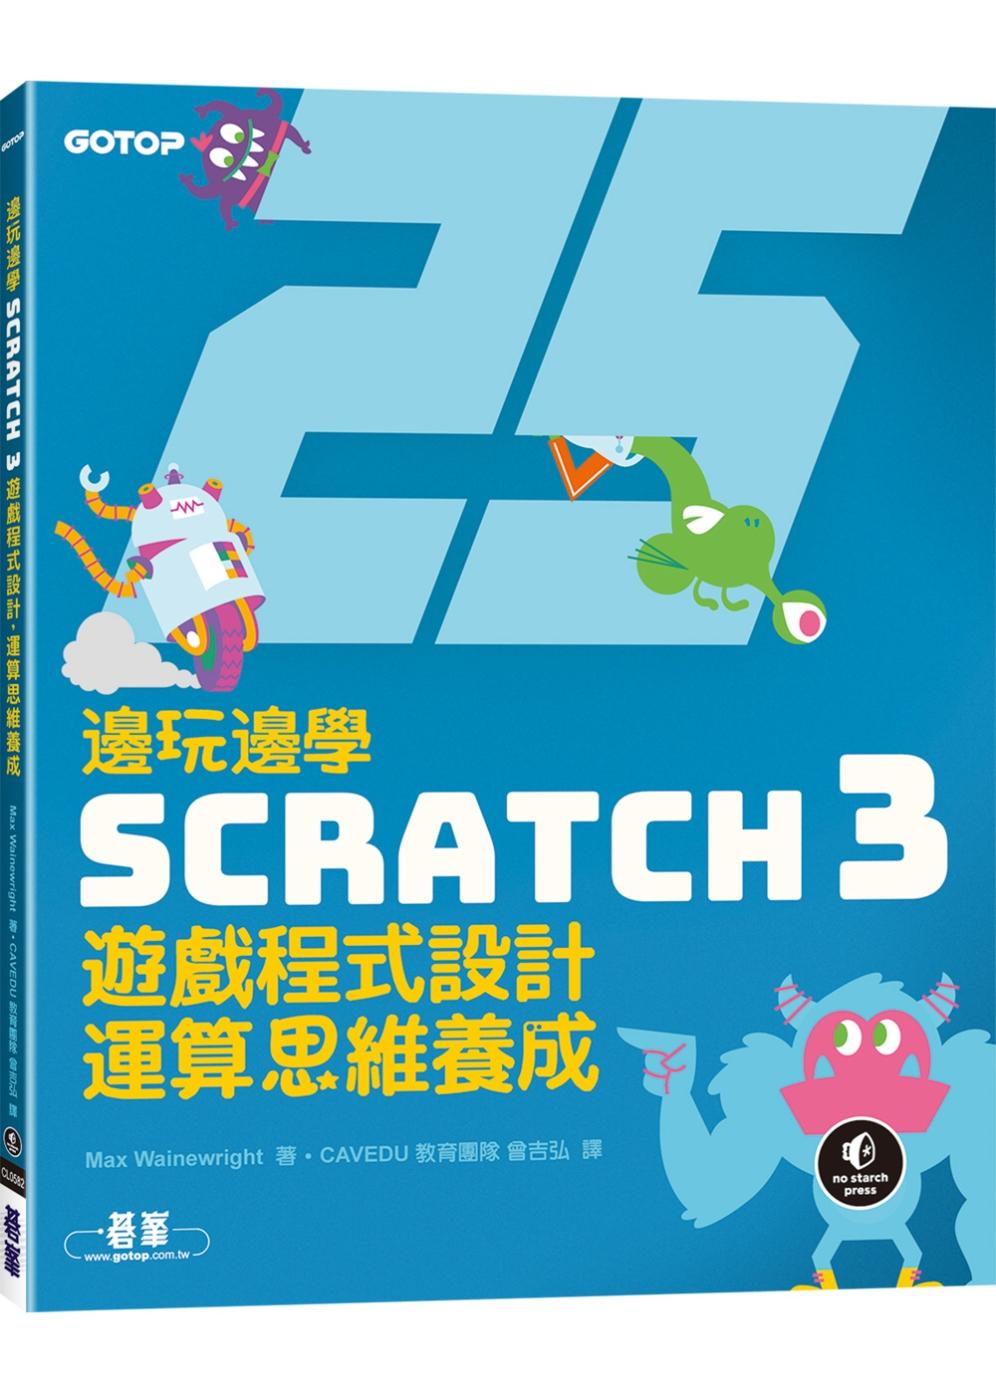 邊玩邊學Scratch 3遊戲程式設計,運算思維養成